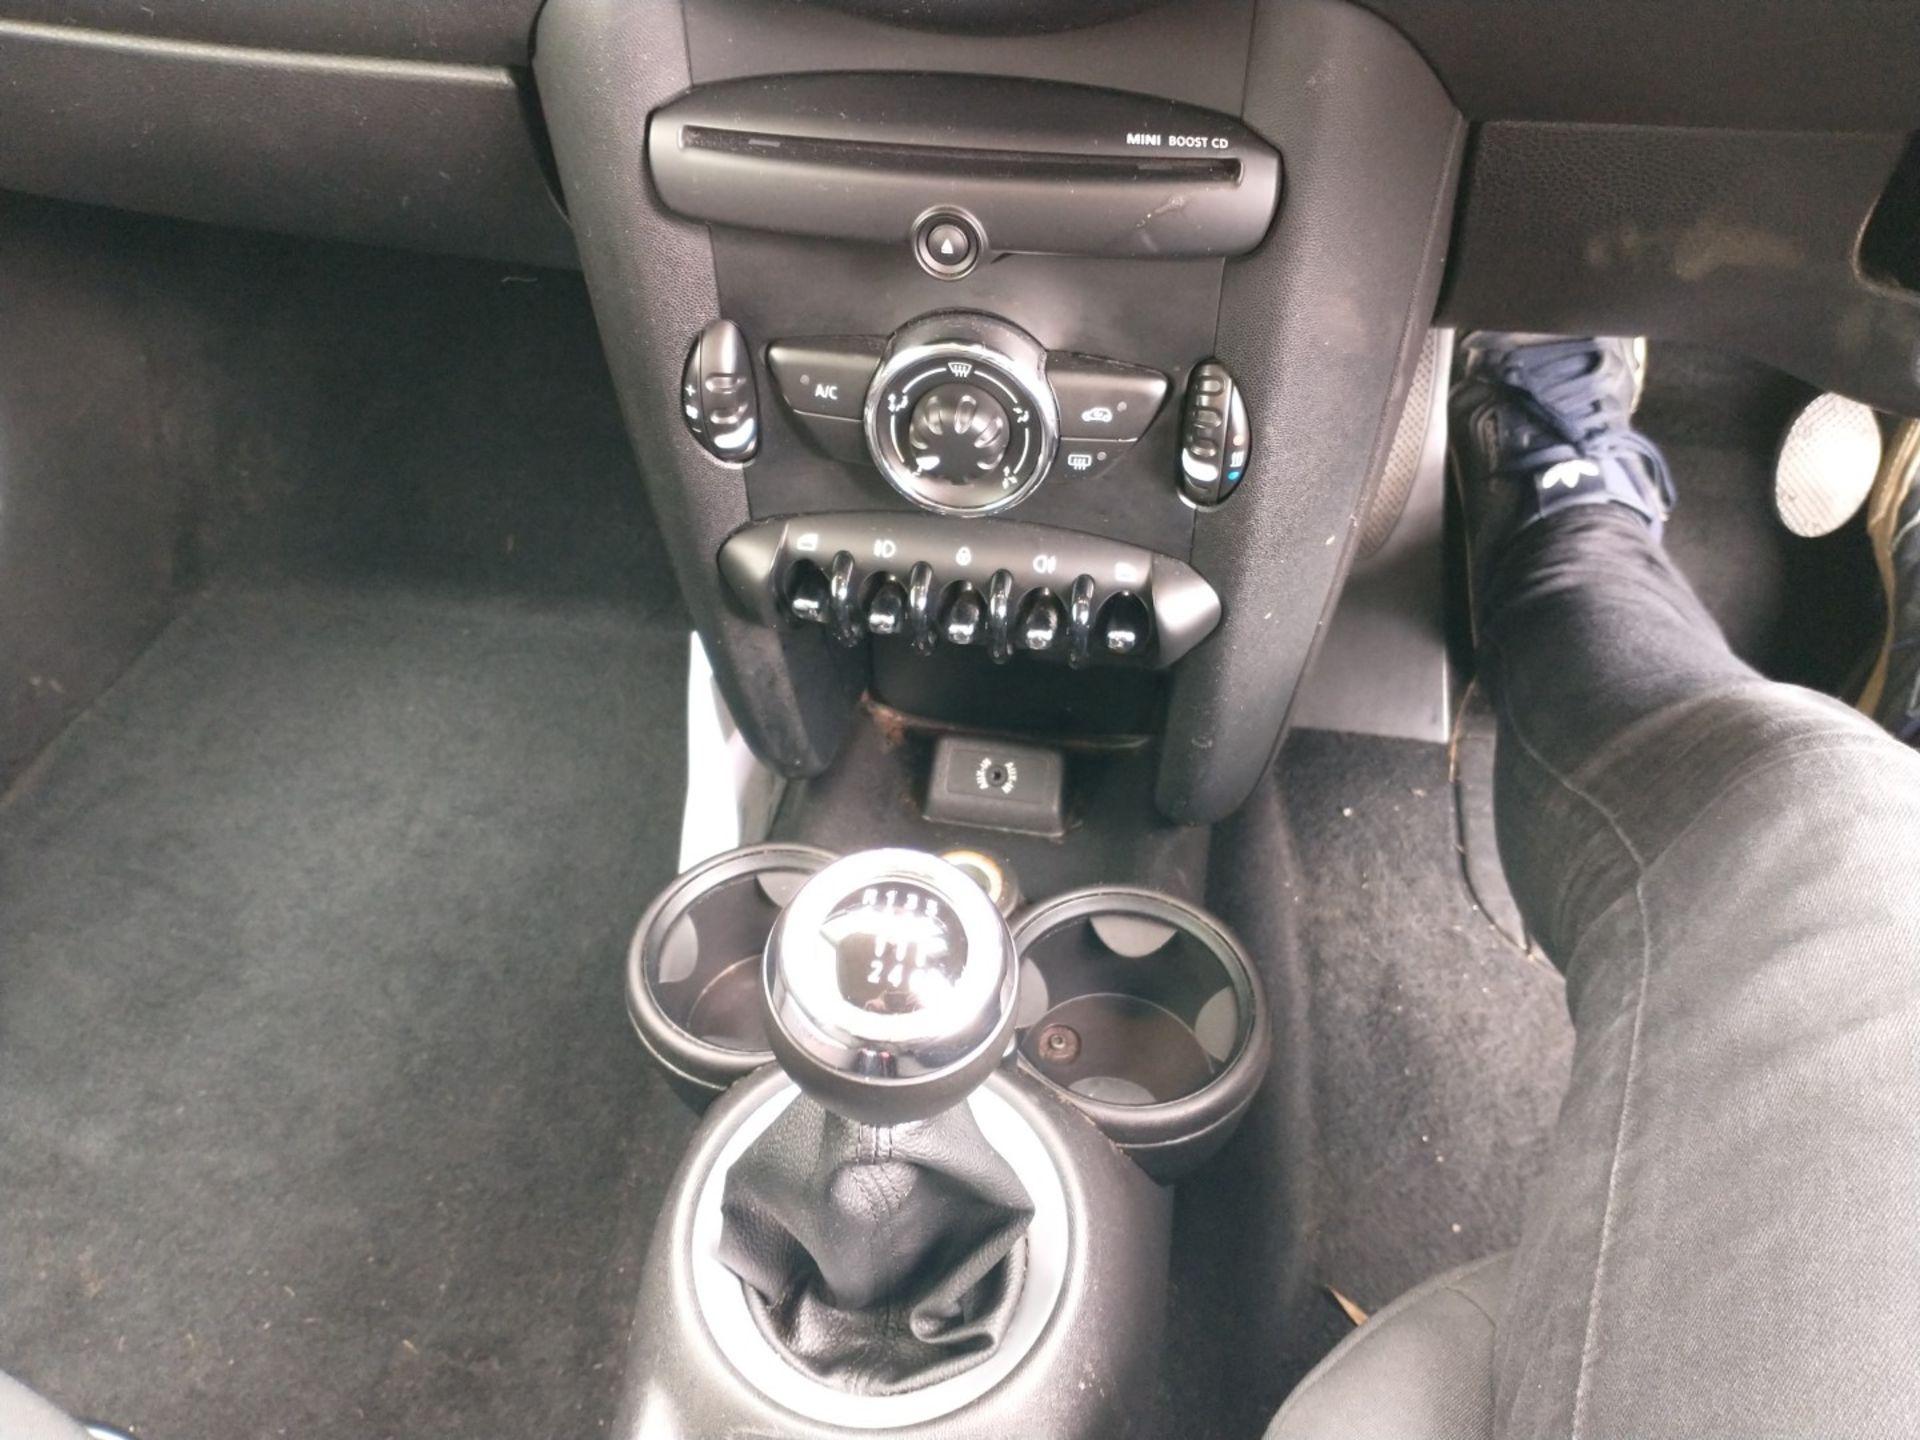 2012 Mini Cooper D 1.6 3Dr Hatchback - CL505 - NO VAT ON THE HAMM - Image 5 of 15